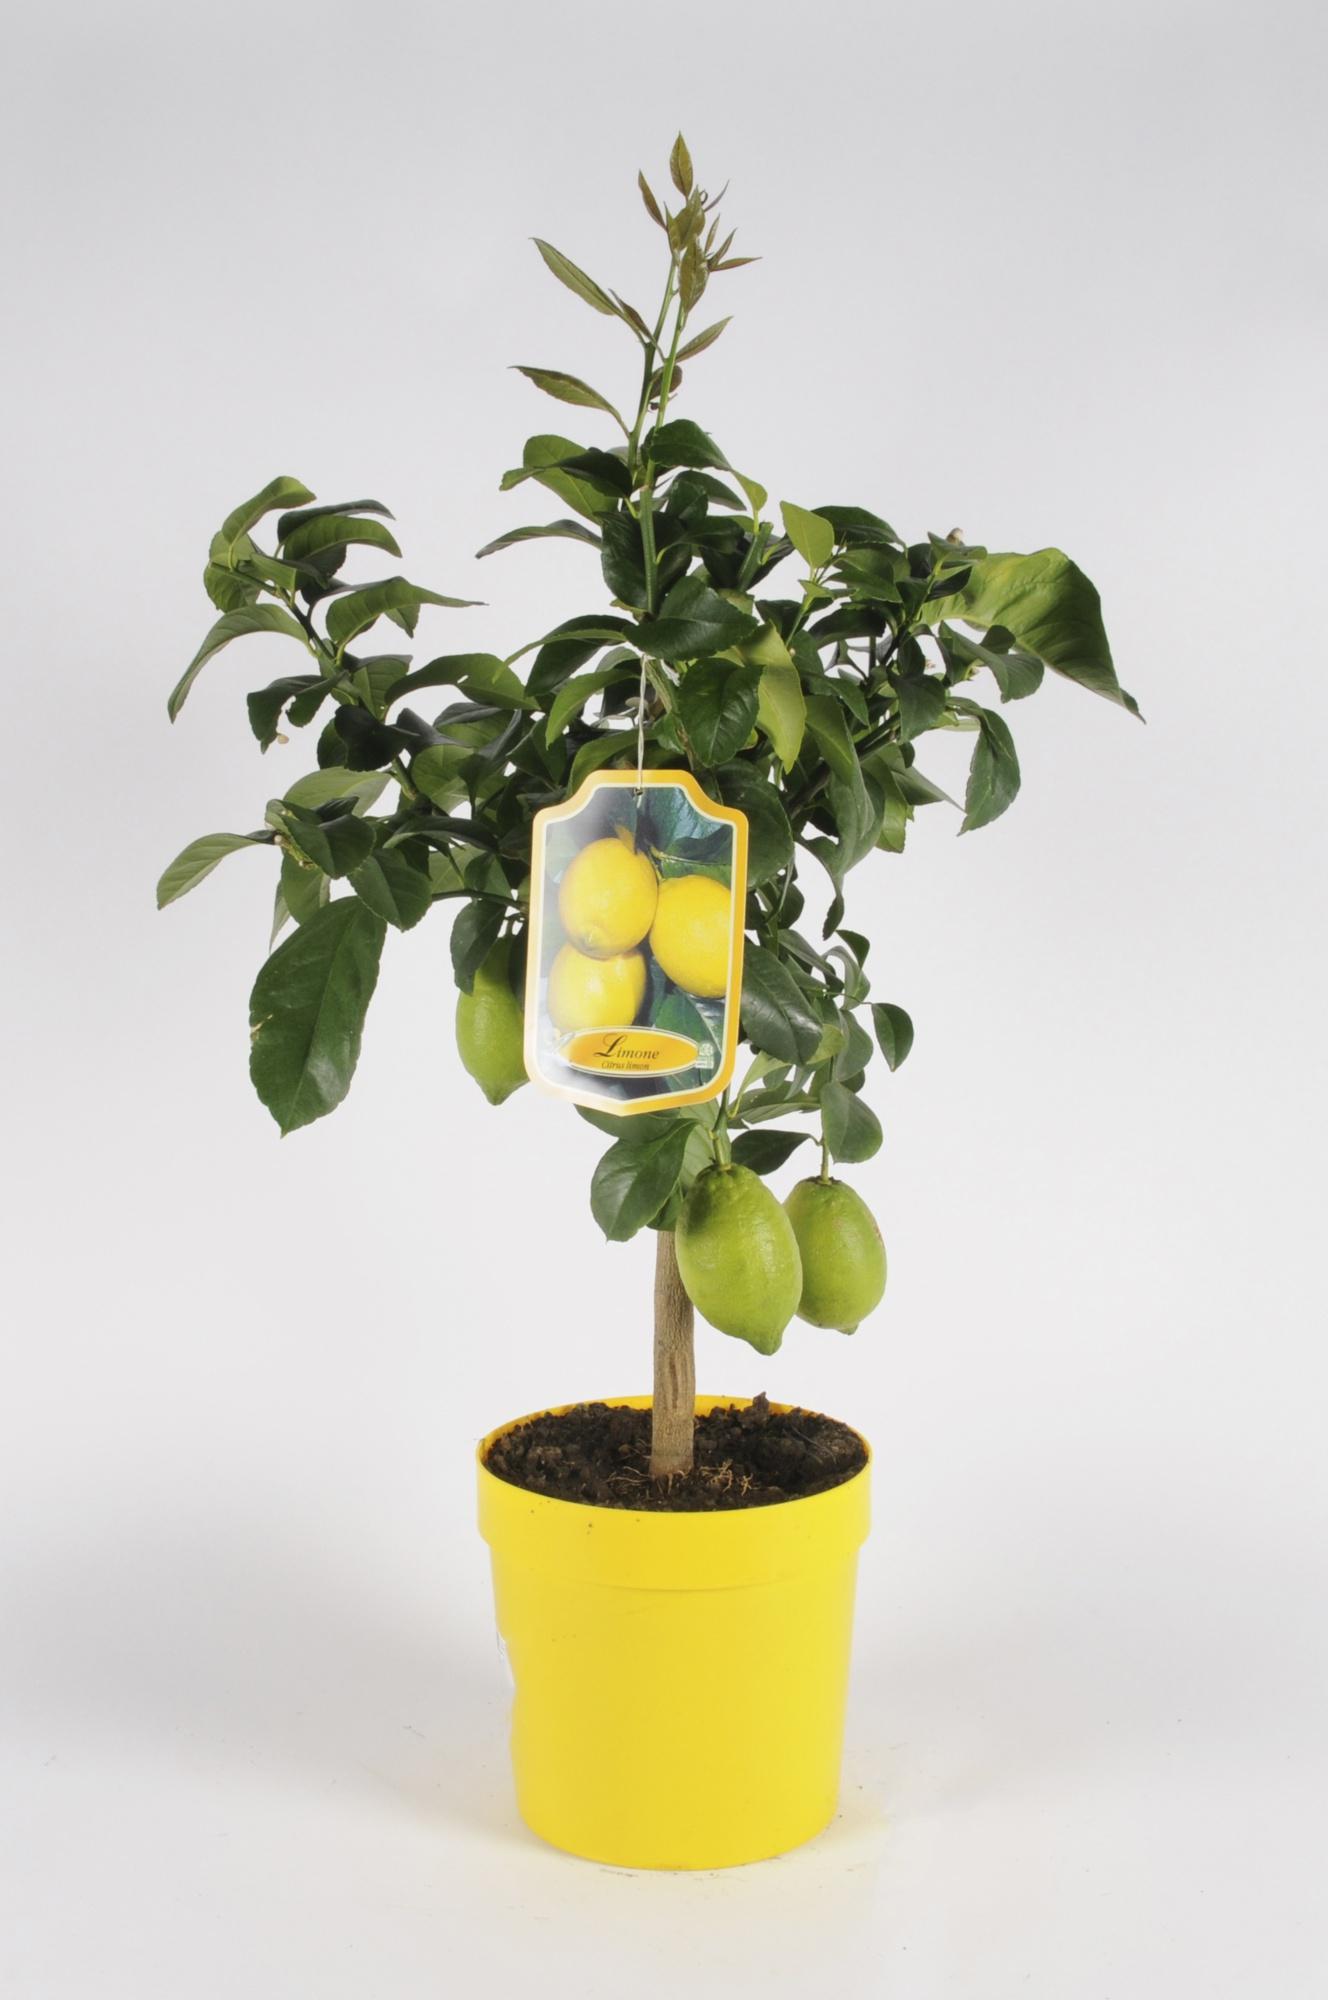 Citrus Lemon + Cachepot 70/90cm x D20